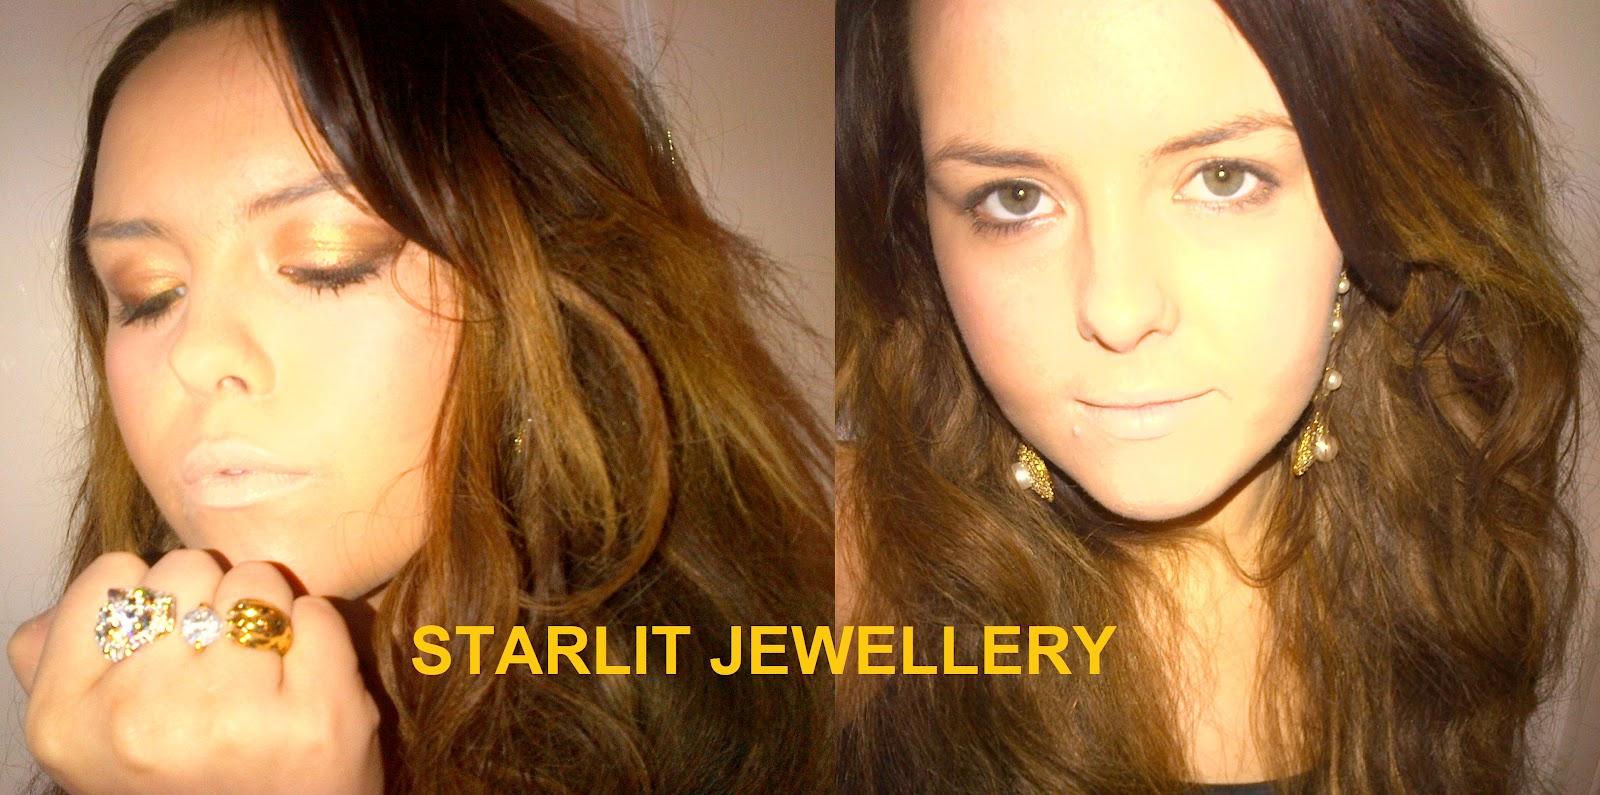 http://1.bp.blogspot.com/-bXL8ukJMX8c/T6qd8MZcowI/AAAAAAAAGM8/jFJS42IDrvo/s1600/starlit_1.jpg